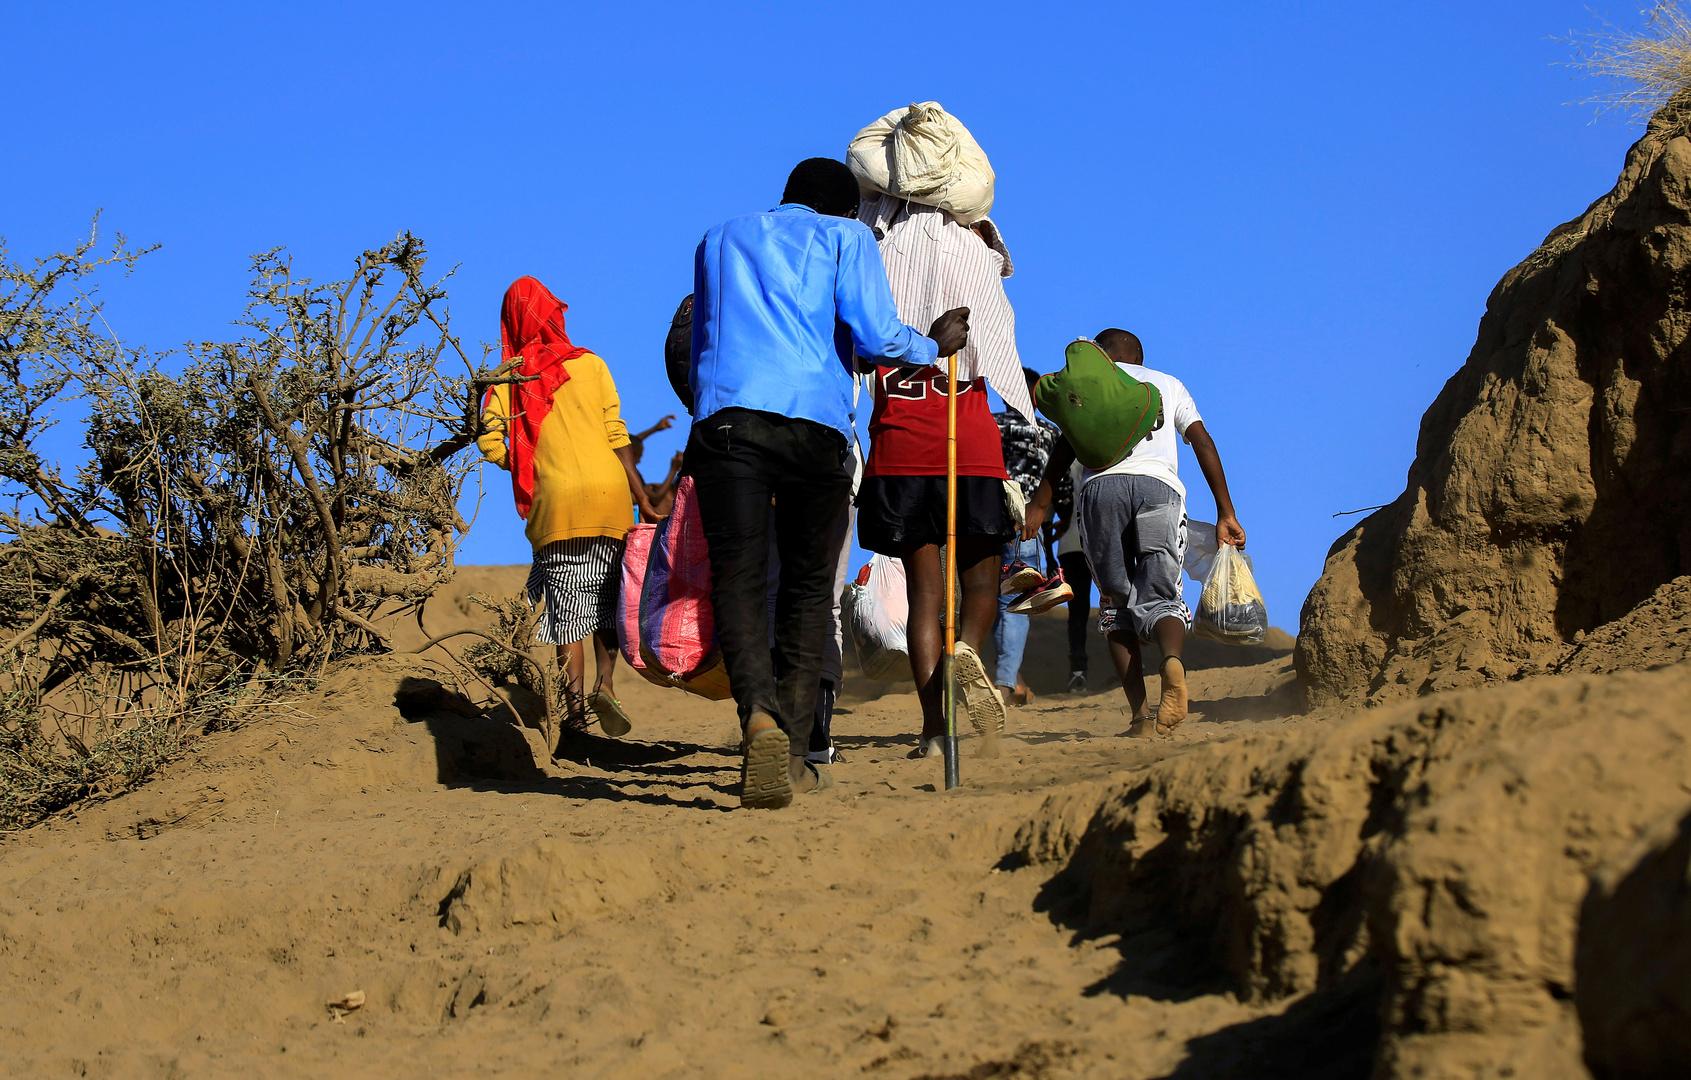 لجنة حكومية إثيوبية: مقتل 80 مدنيا بهجوم في منطقة عند حدود السودان